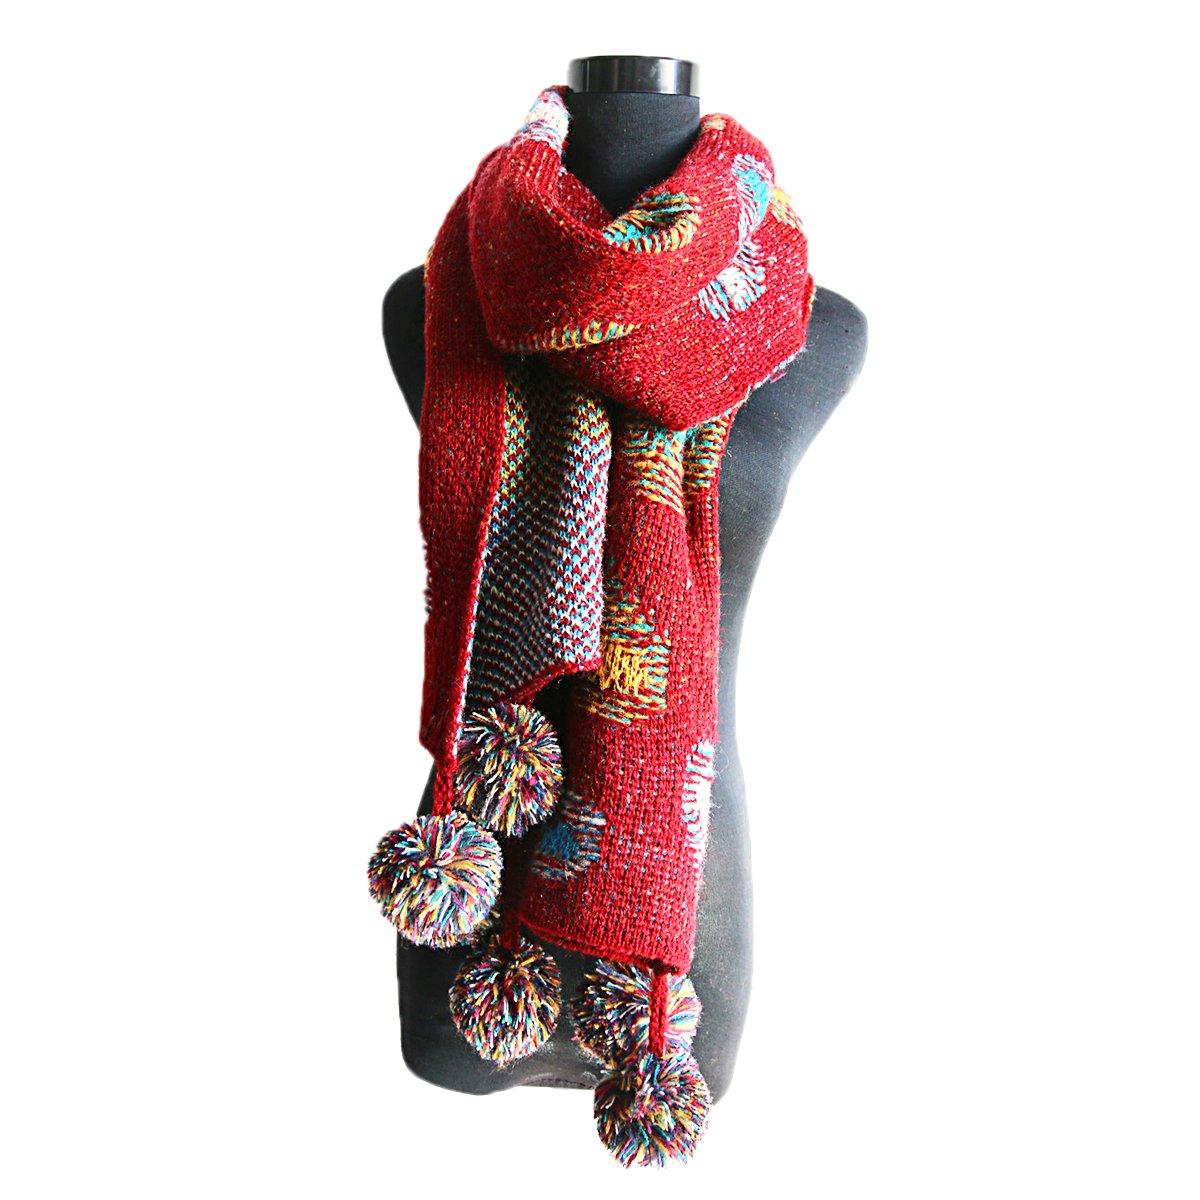 272158d5181e Butterme longue écharpe en tricot pour femme, chaude écharpe d hiver,  foulard à pois coloré, écharpe tubulaire Bohemia avec pompons amovibles,  200 x 36 cm, ...